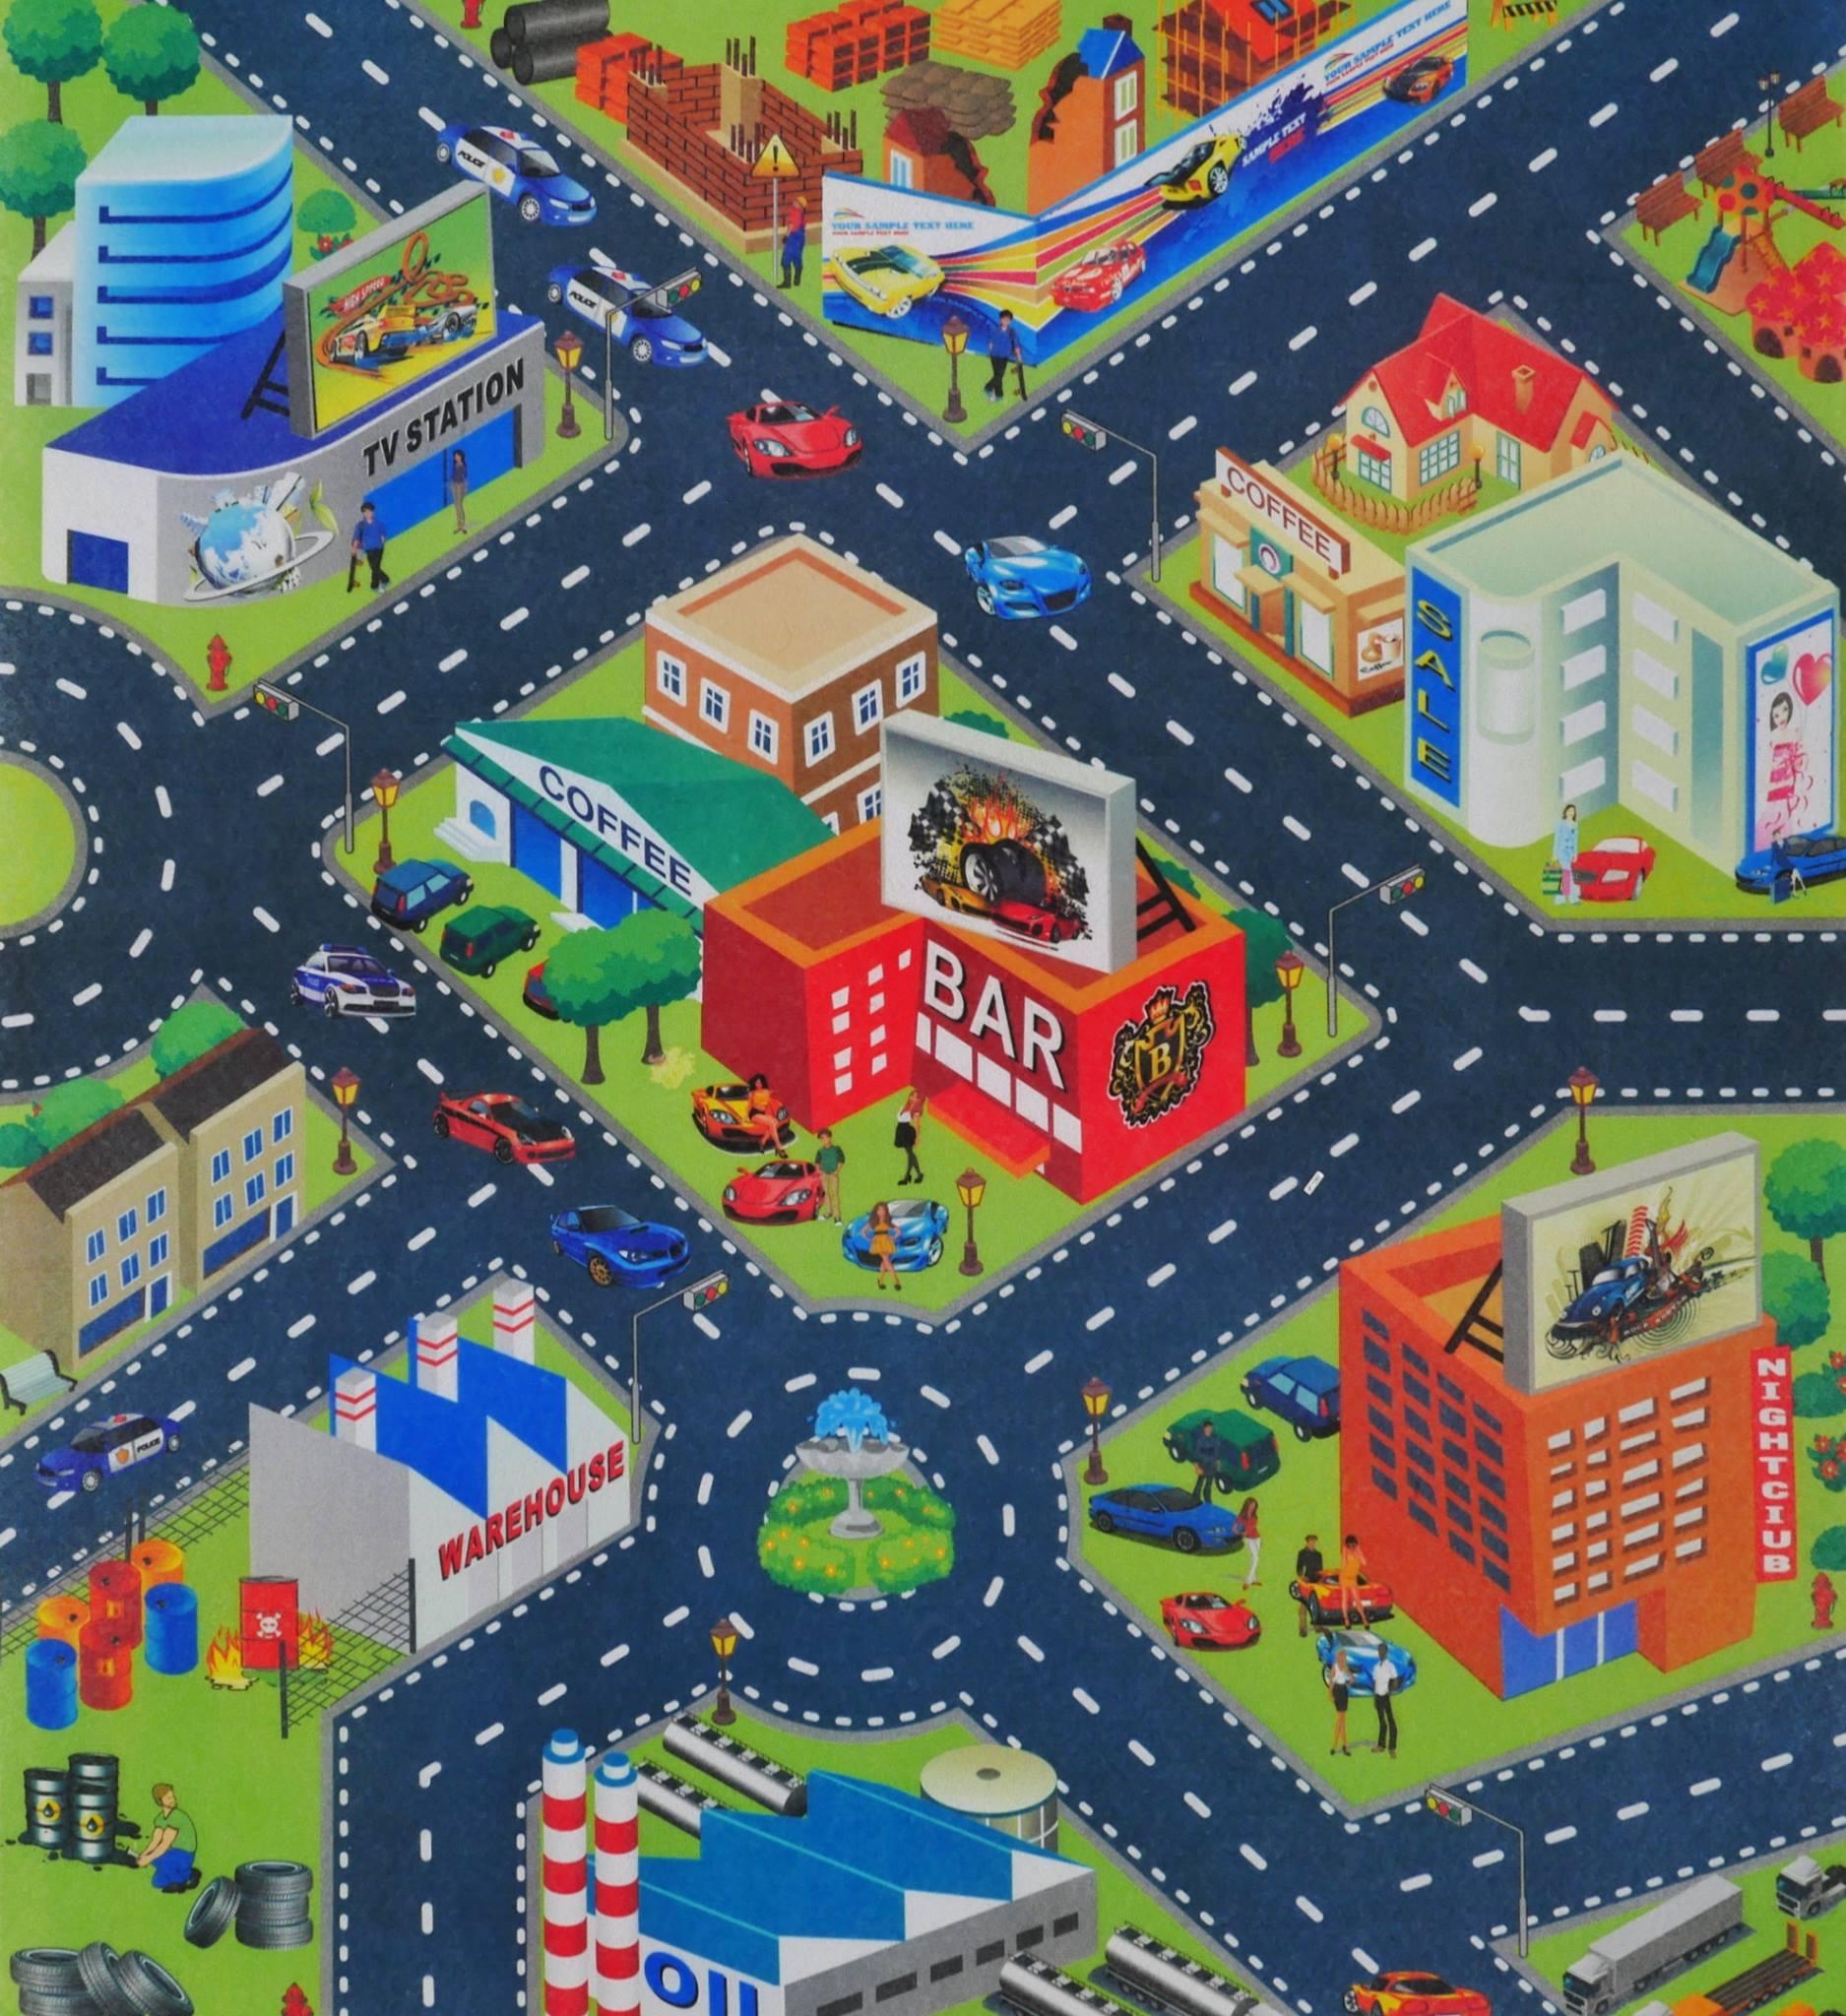 แผนที่ เมือง พร้อมรถ 1 คัน